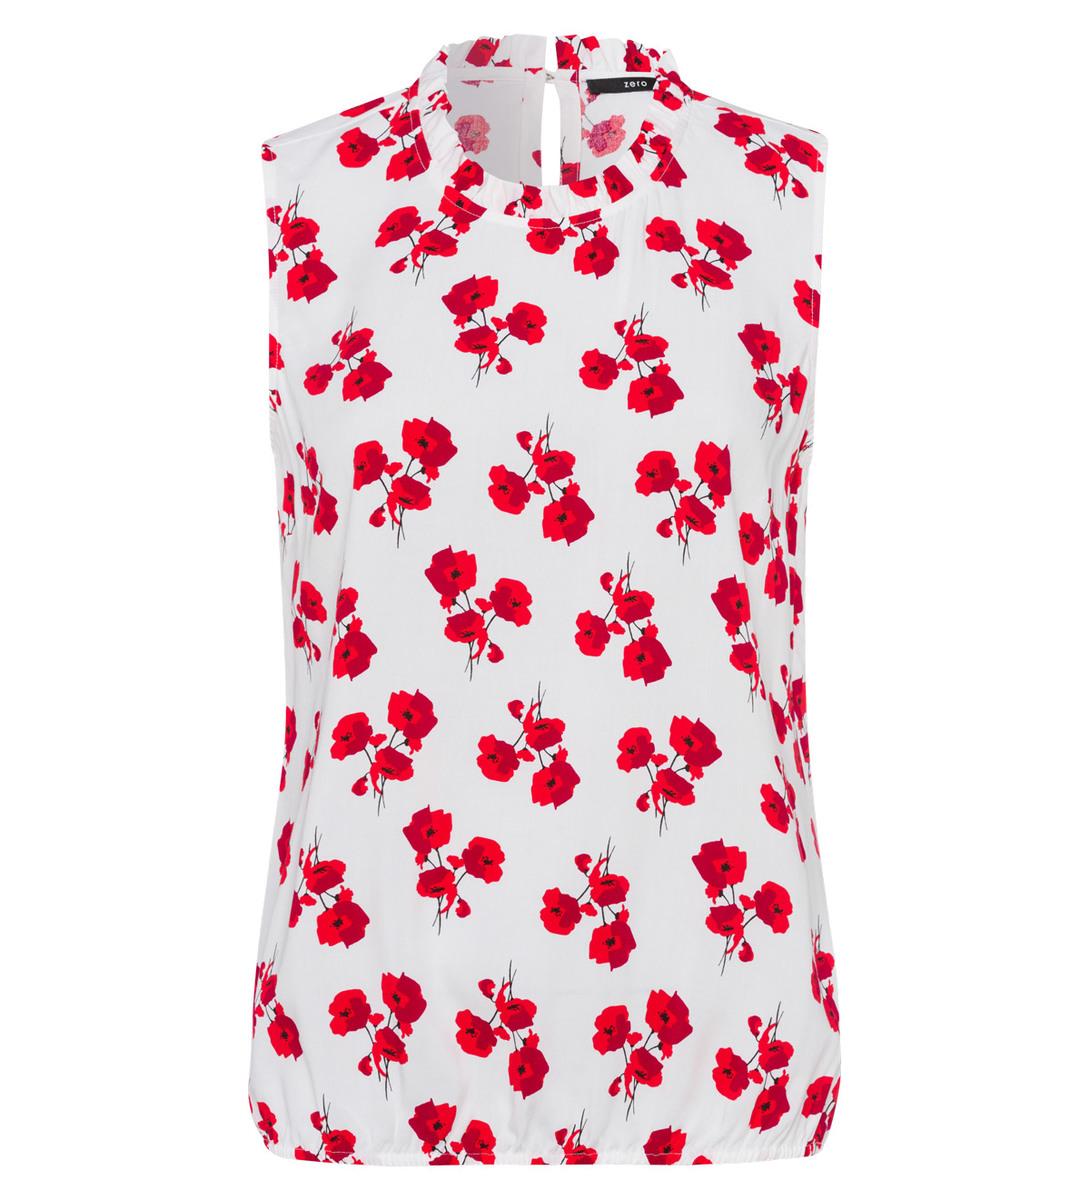 Bluse im floralen Design in fresh red